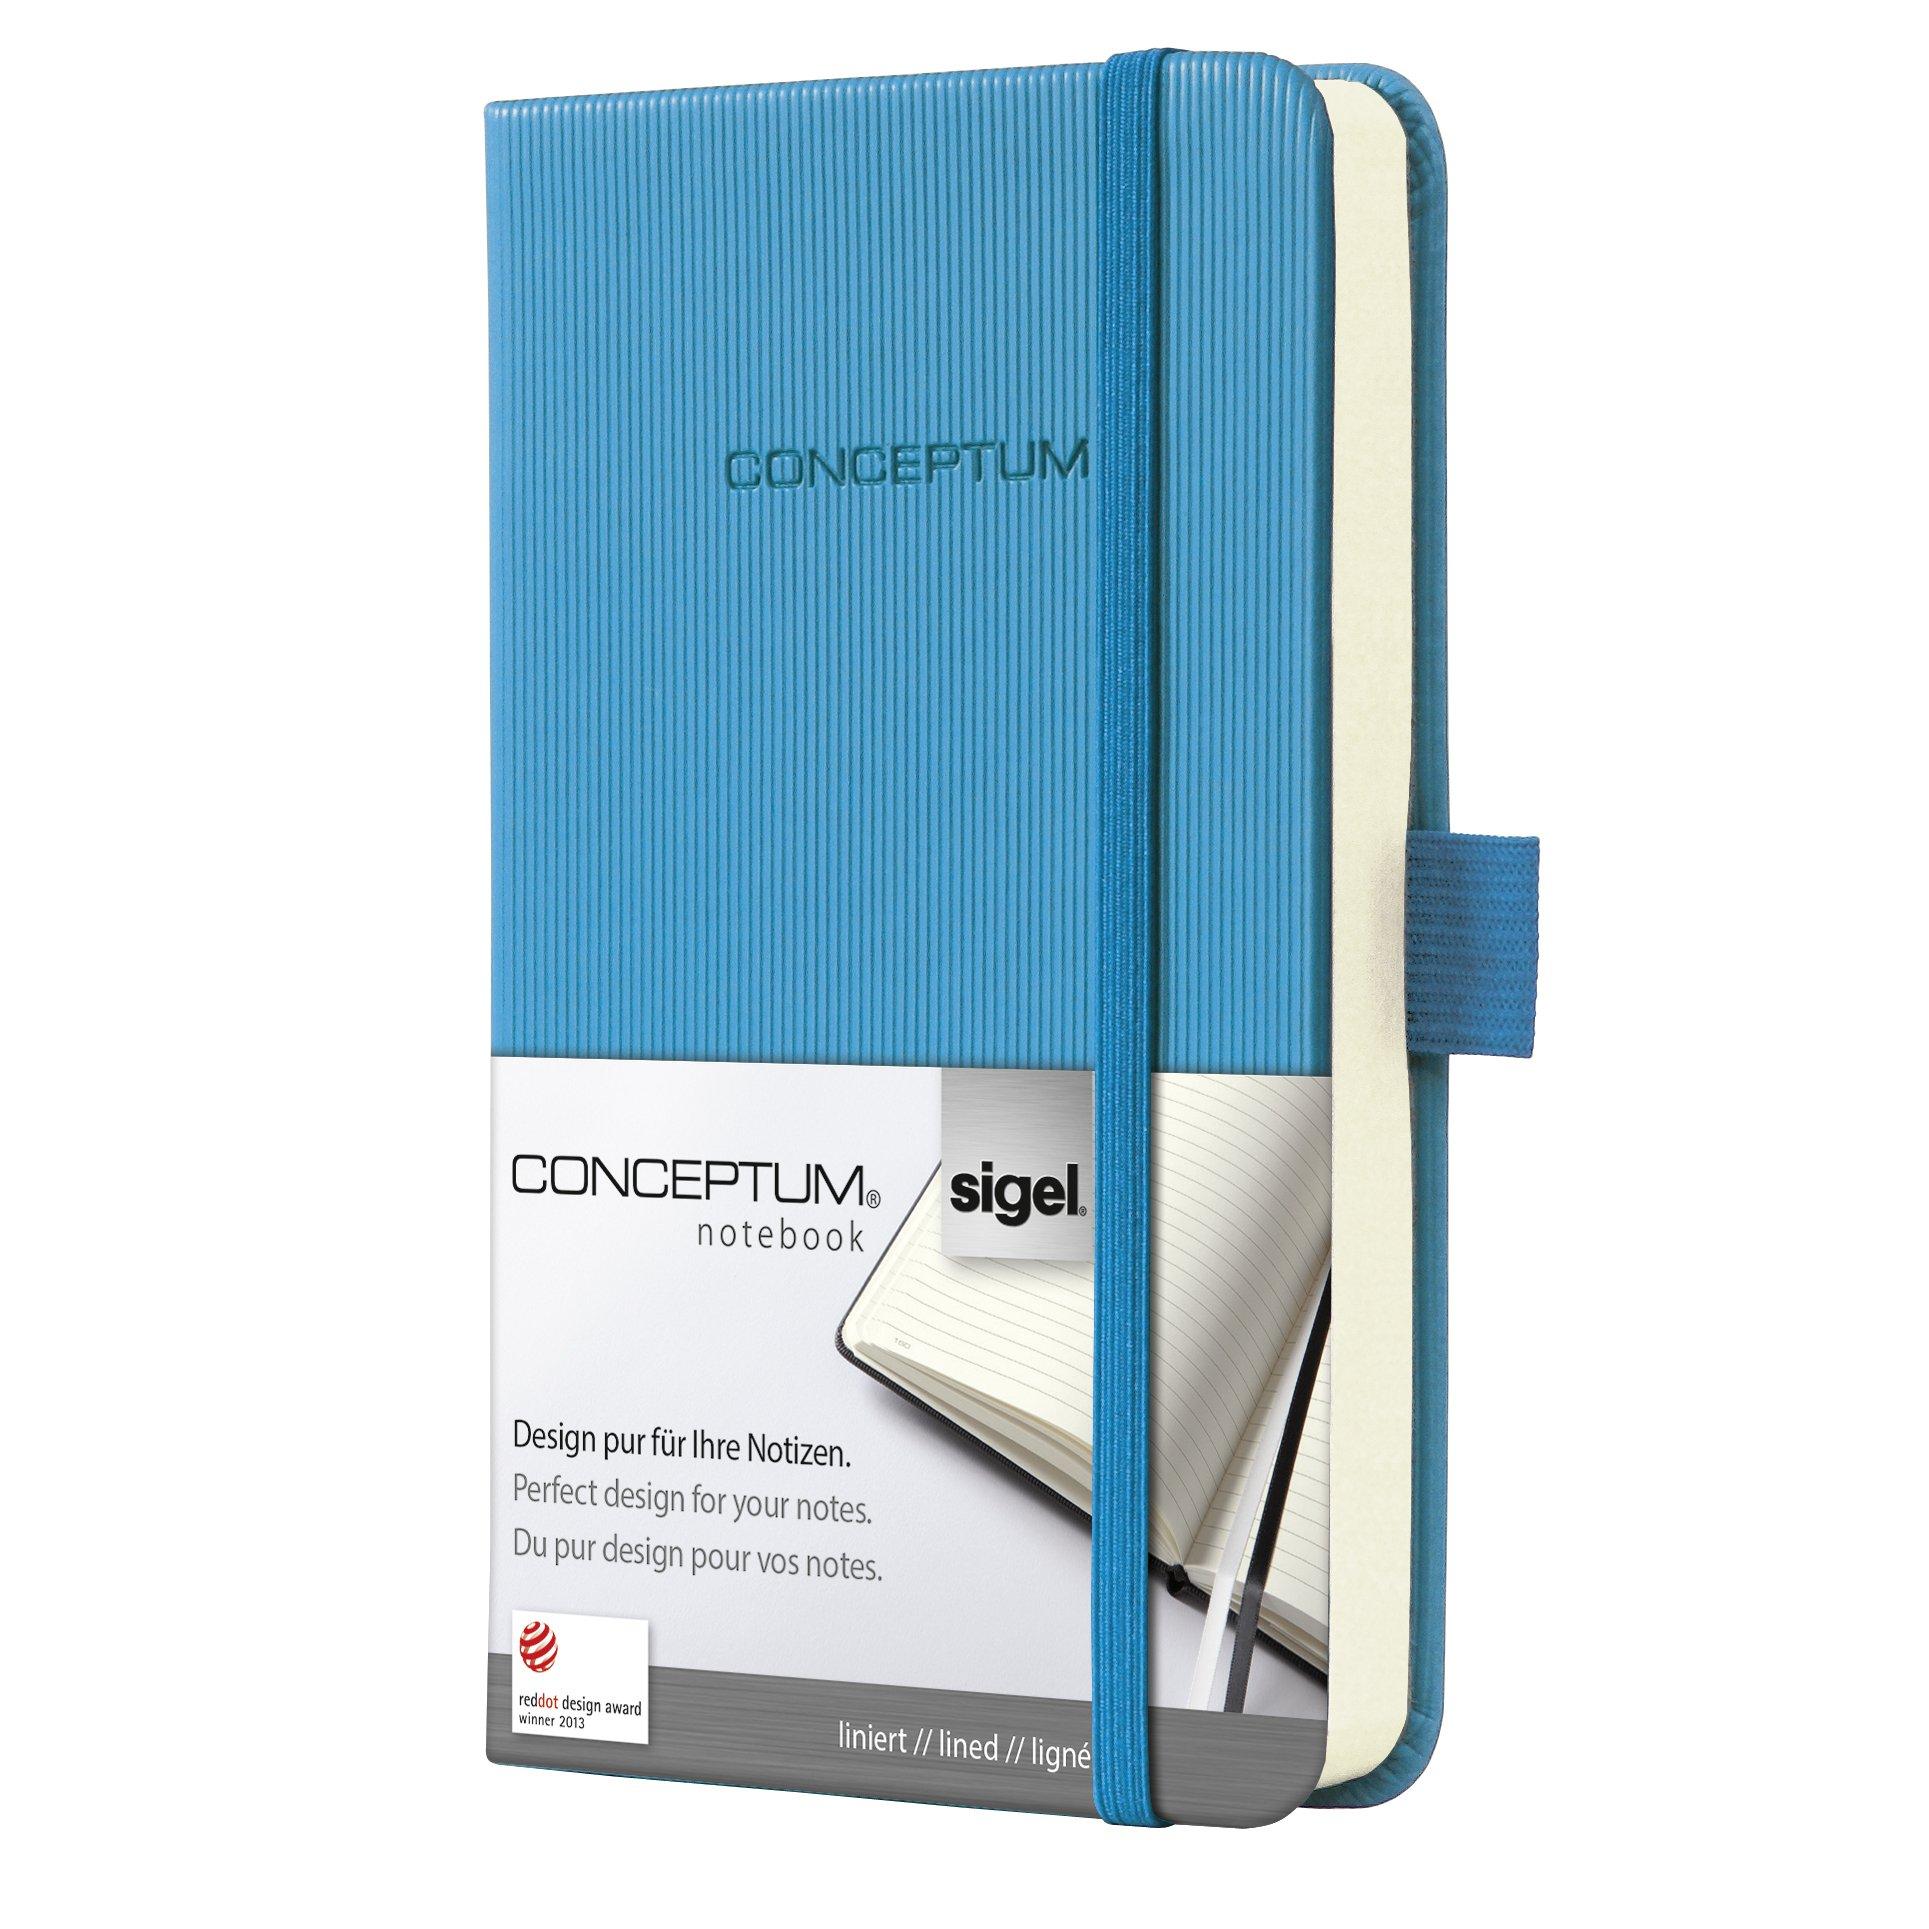 SIGEL CO578 Carnet de notes, env. A6 9,5 x 15 cm, ligné, couverture rigide, bleu - Conceptum